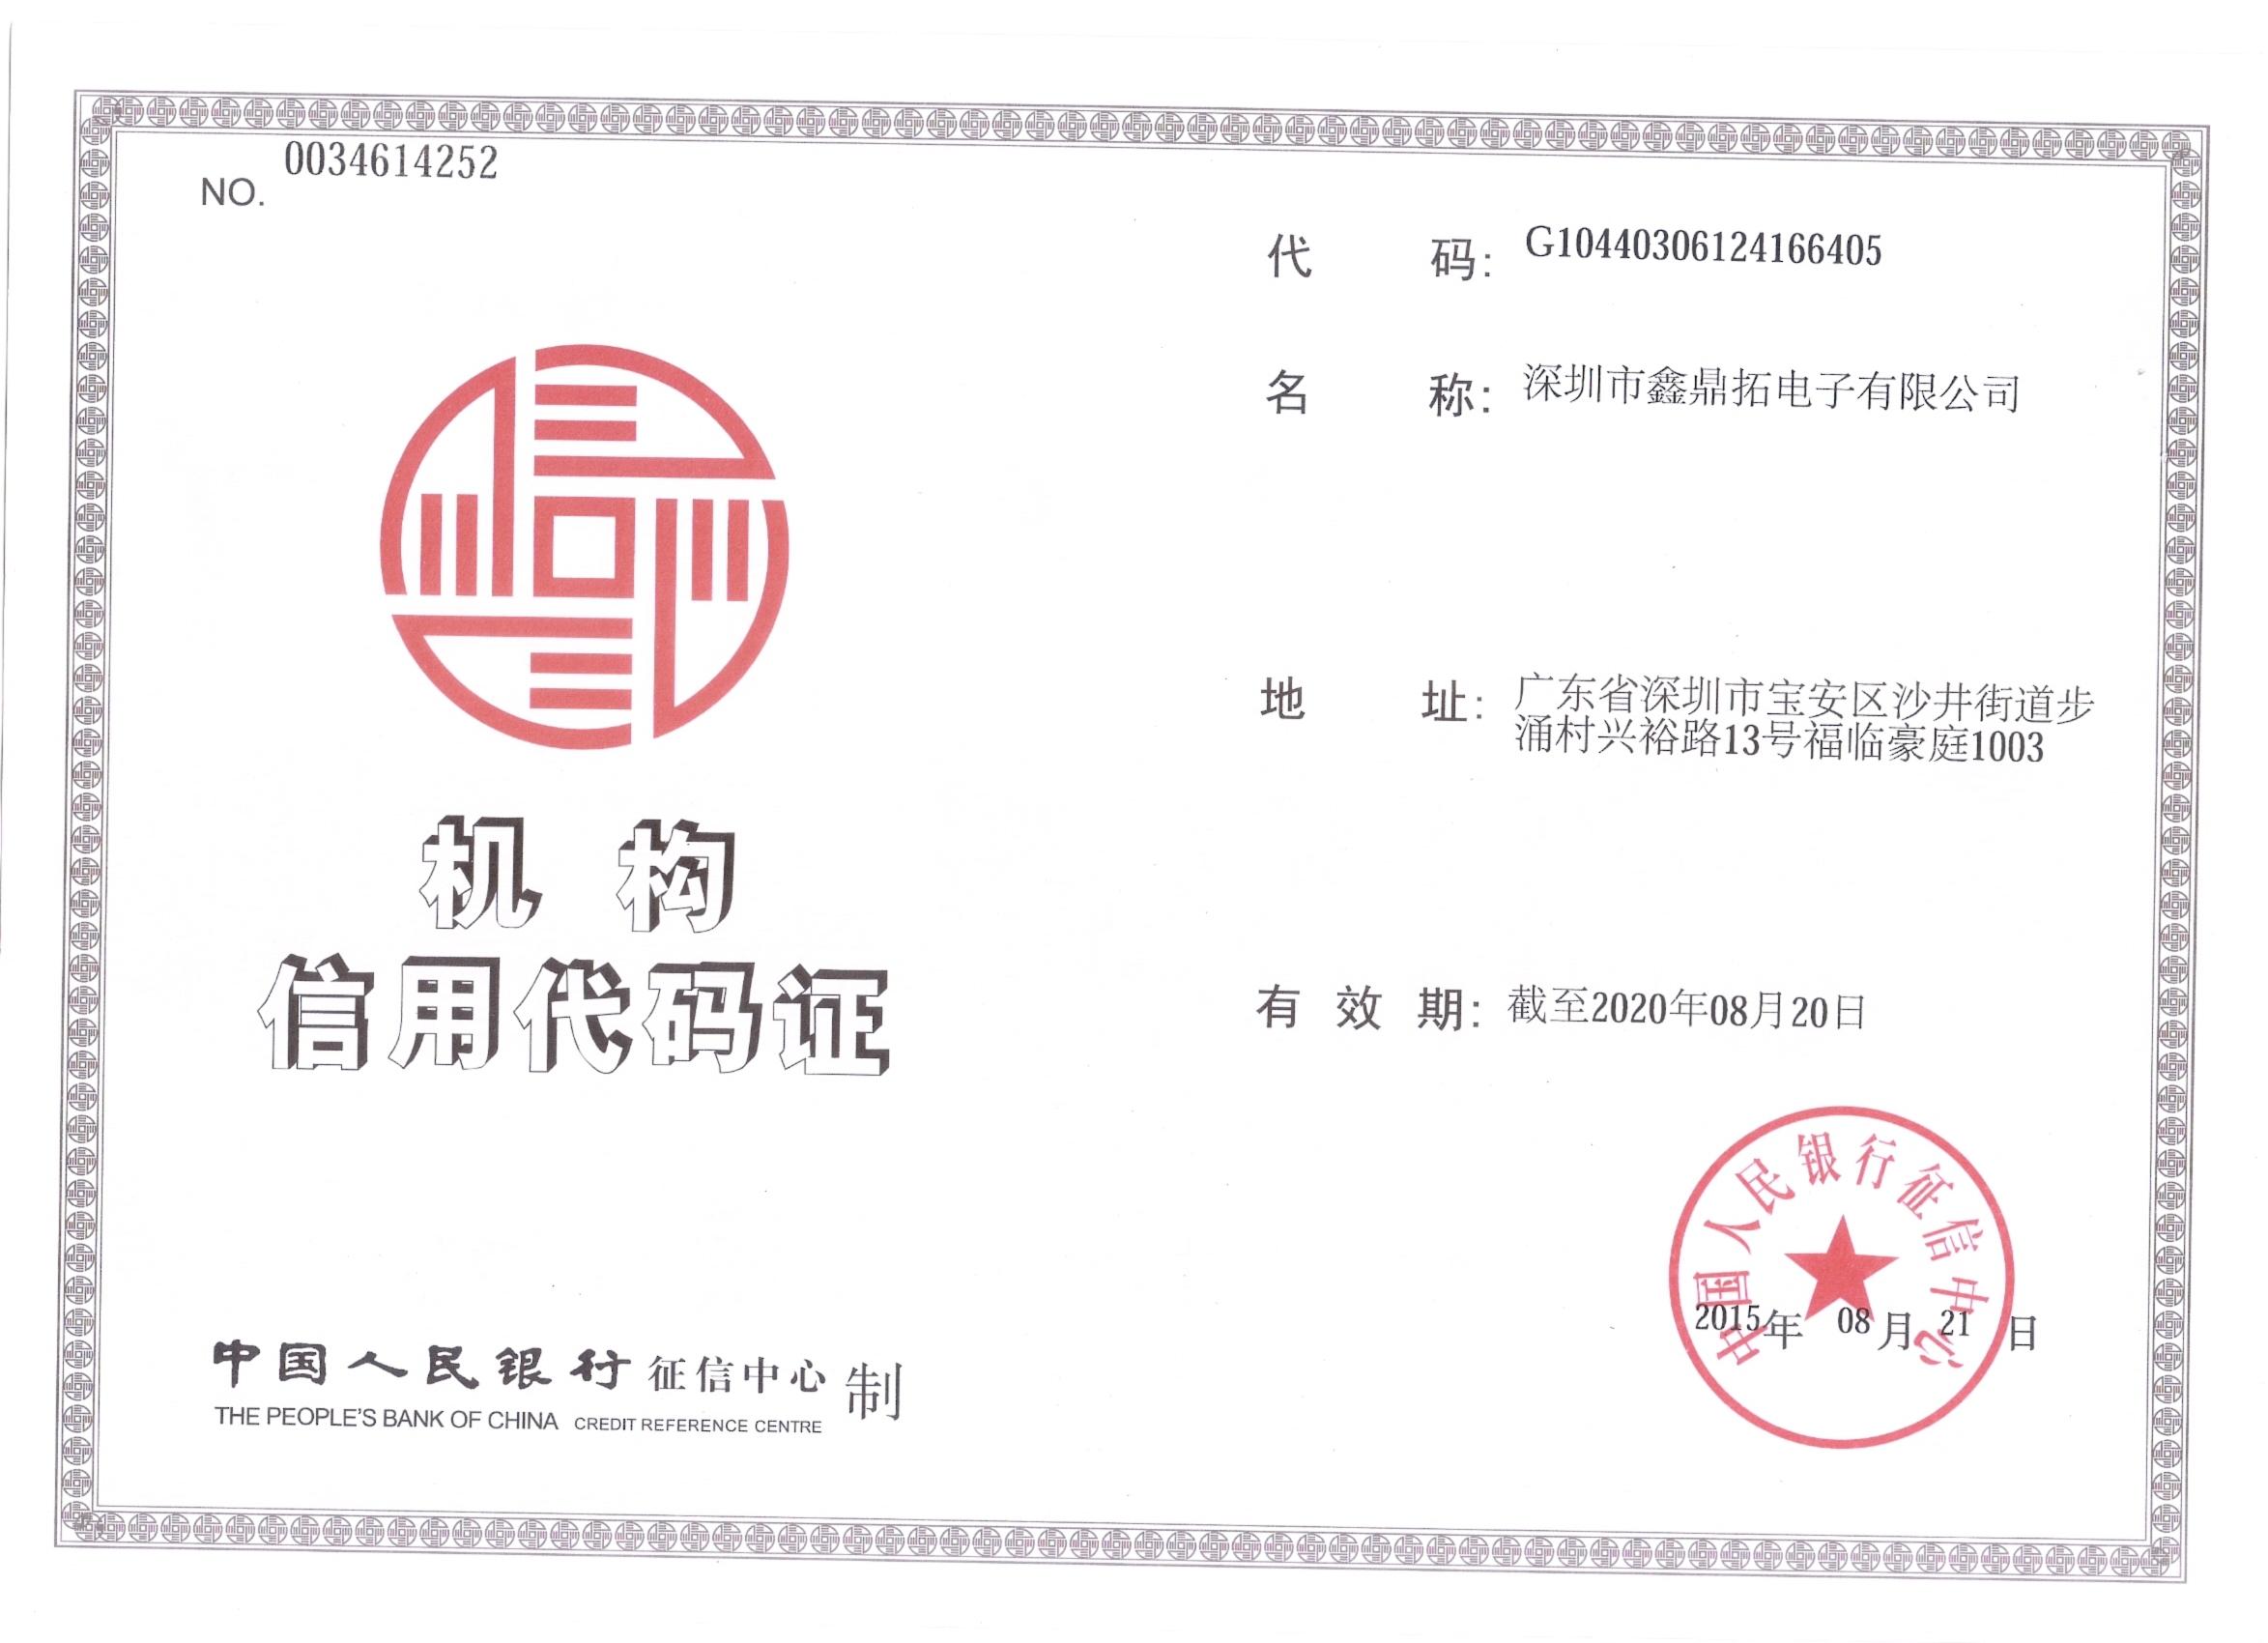 榮譽證書-信用代碼證